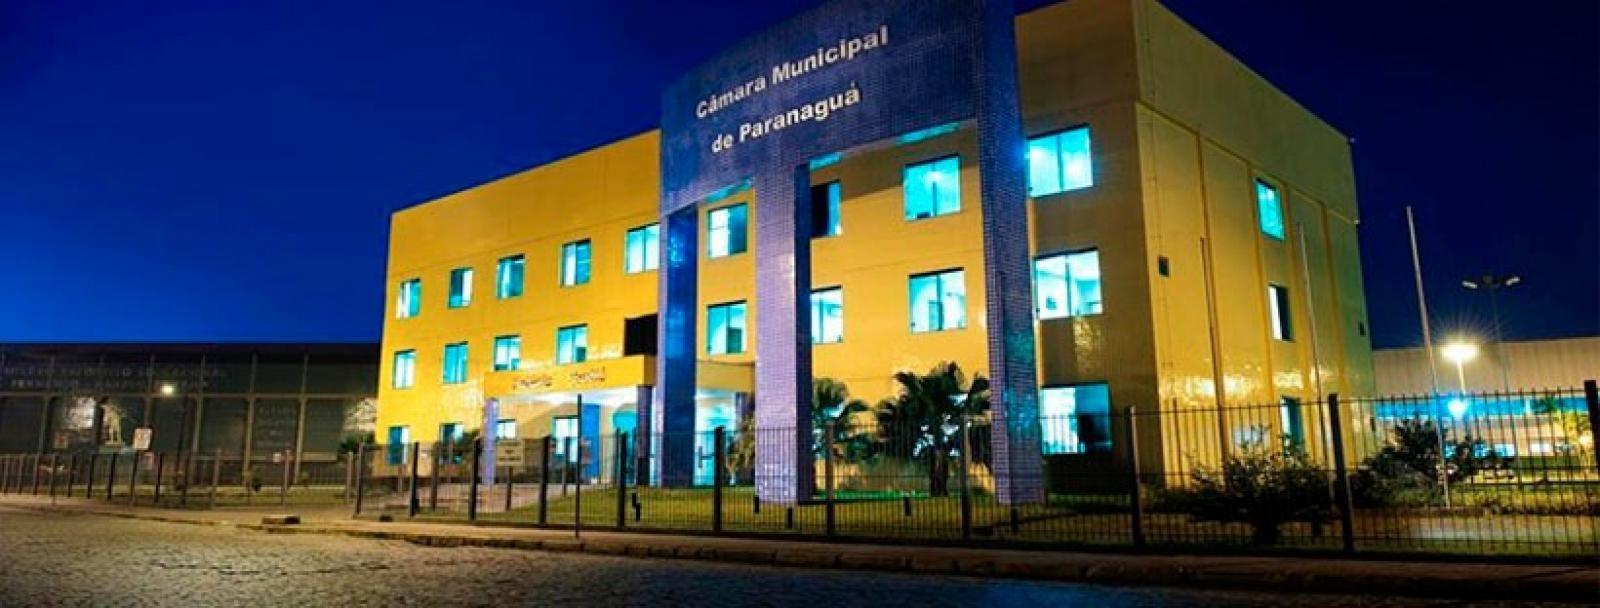 Vereadores aprovam aumento de salários do prefeito, vice e dos secretários de Paranaguá